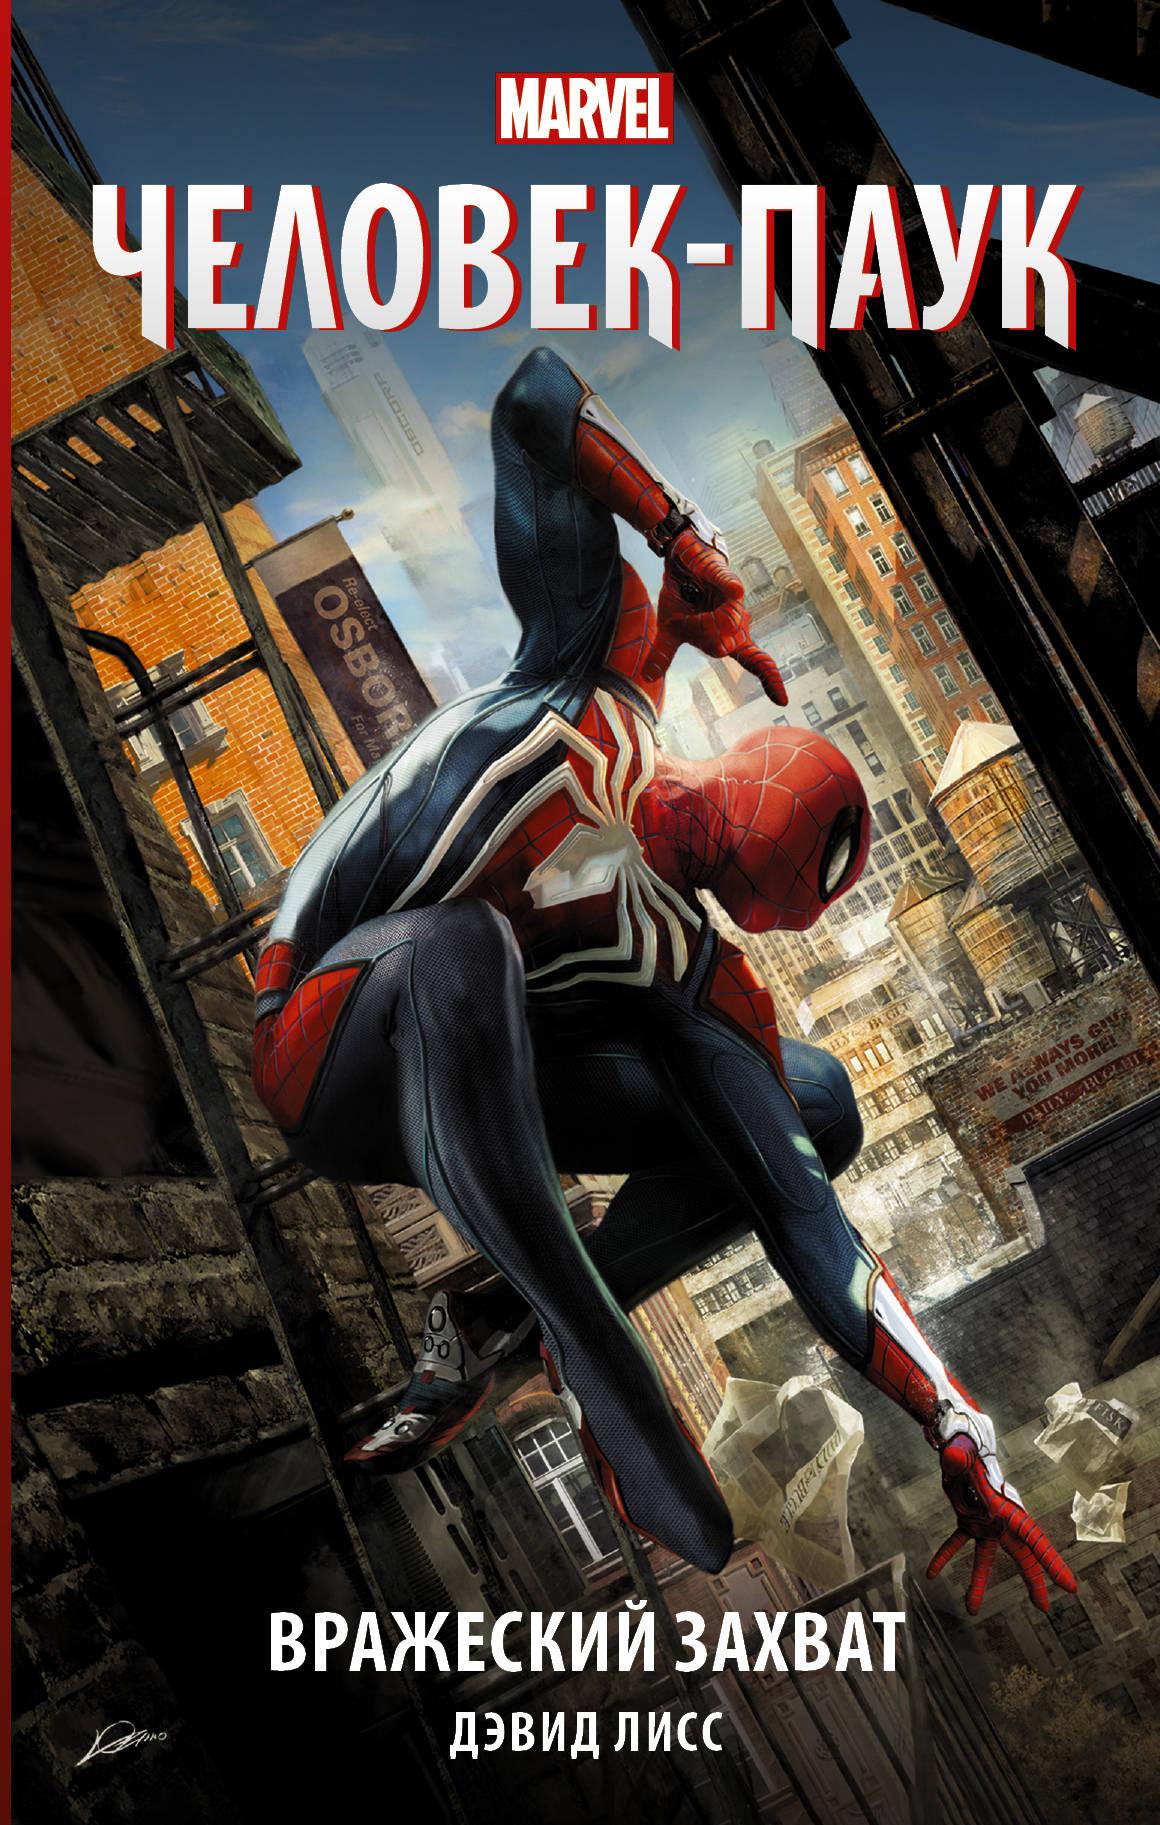 Скачать бесплатно Человек-паук: Вражеский захват